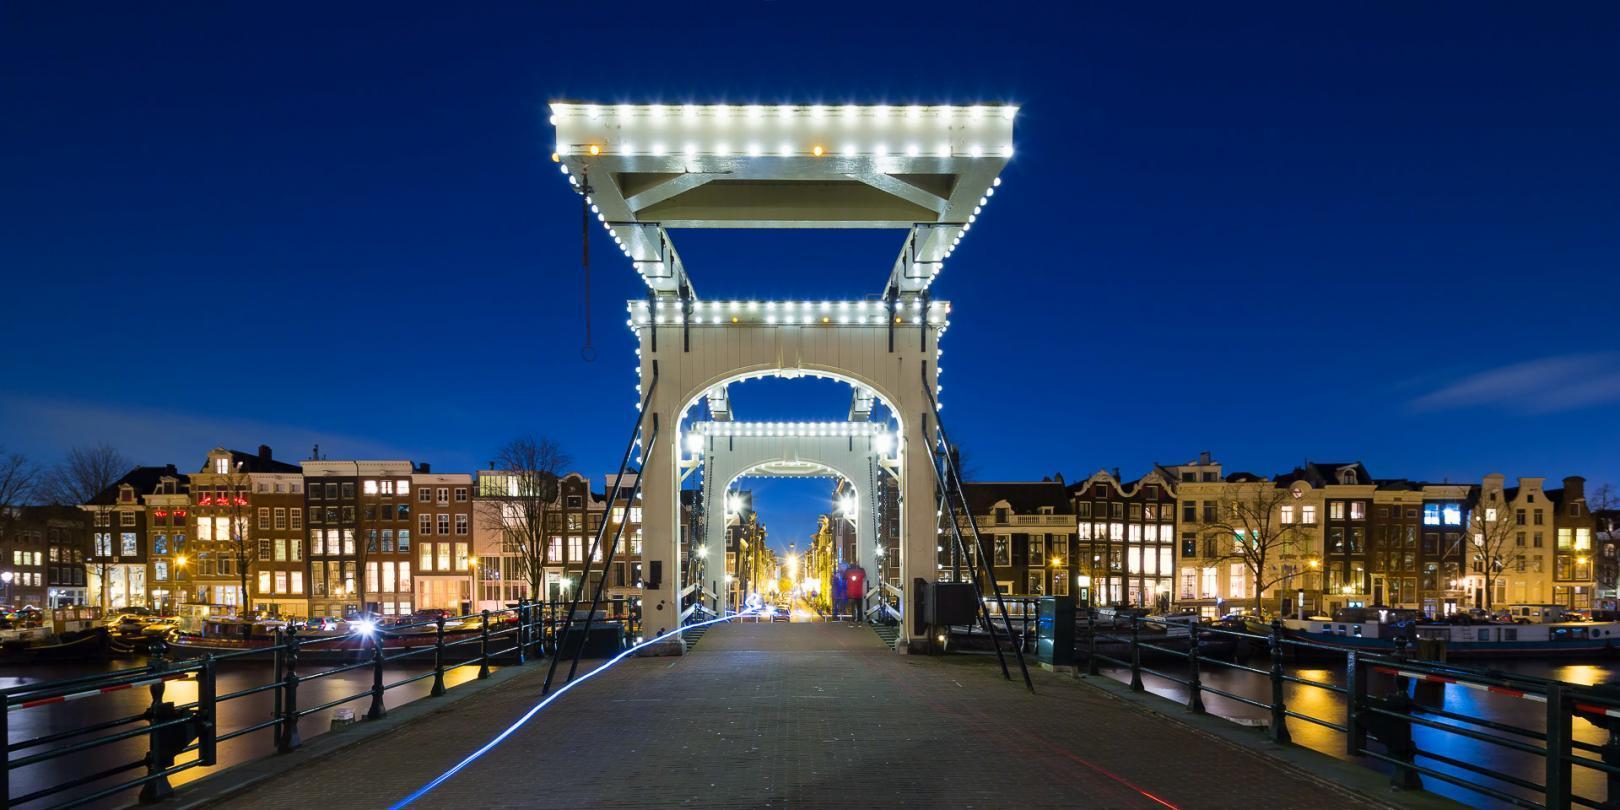 De Magere Brug in Amsterdam in het avondlicht - Bas Meelker Landschapsfotografie